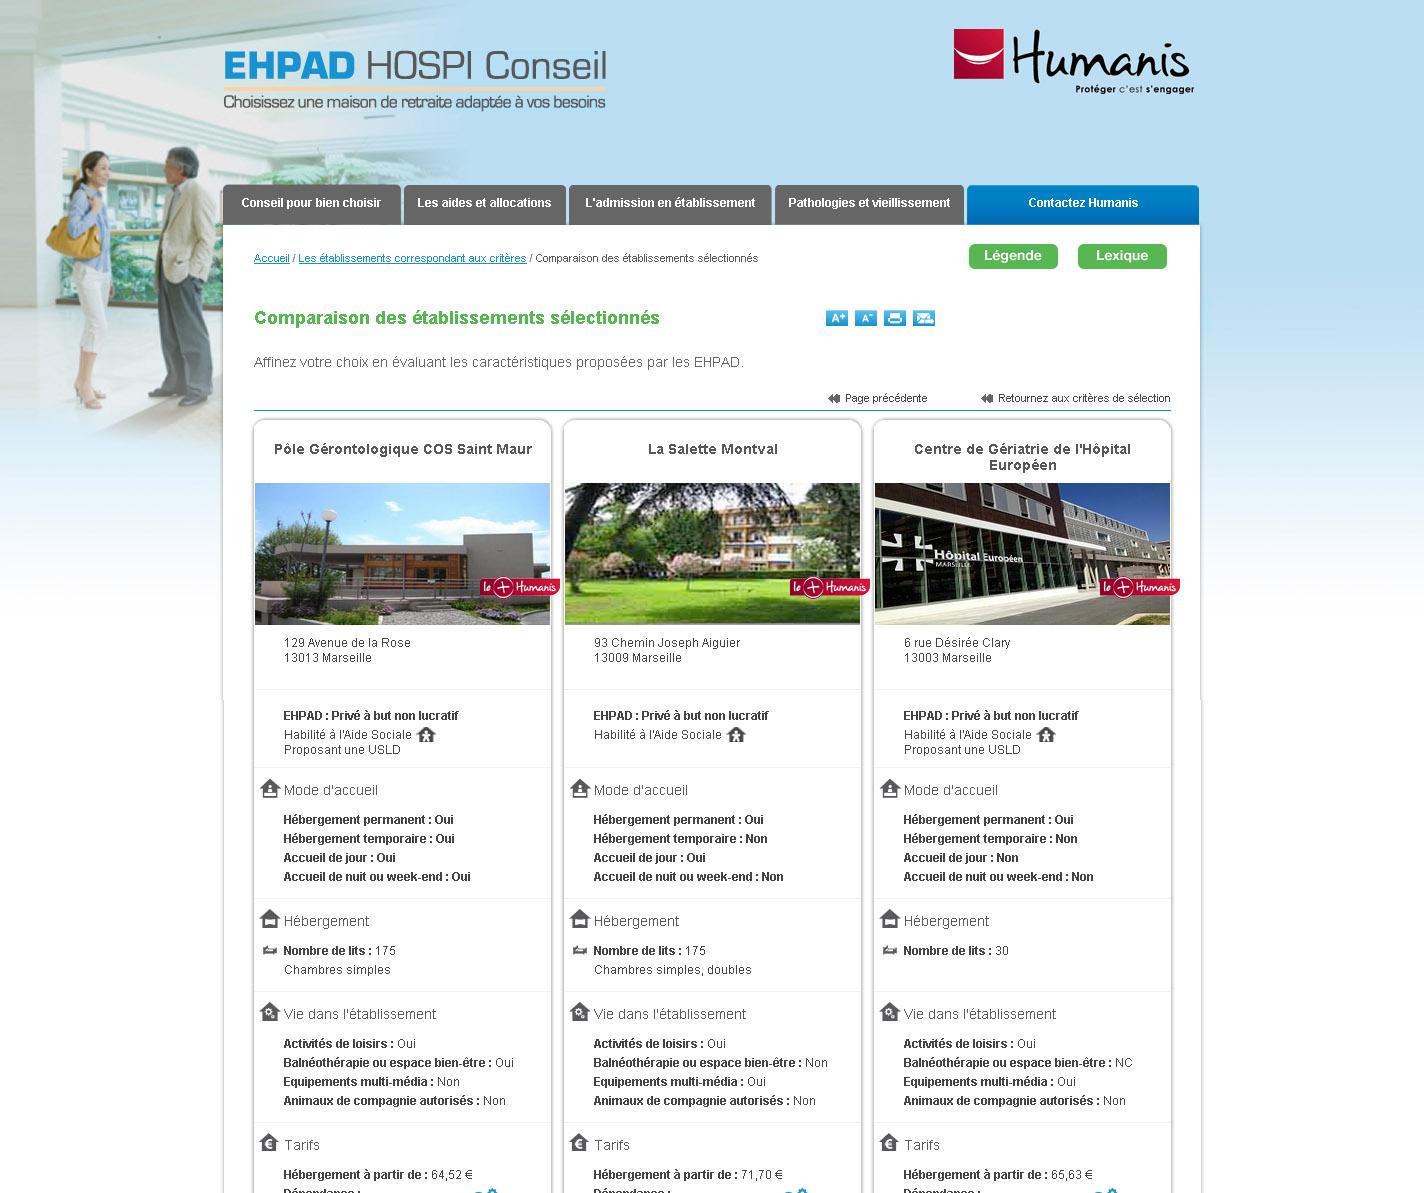 Comparateur Ehpad - Comparaison d'établissements